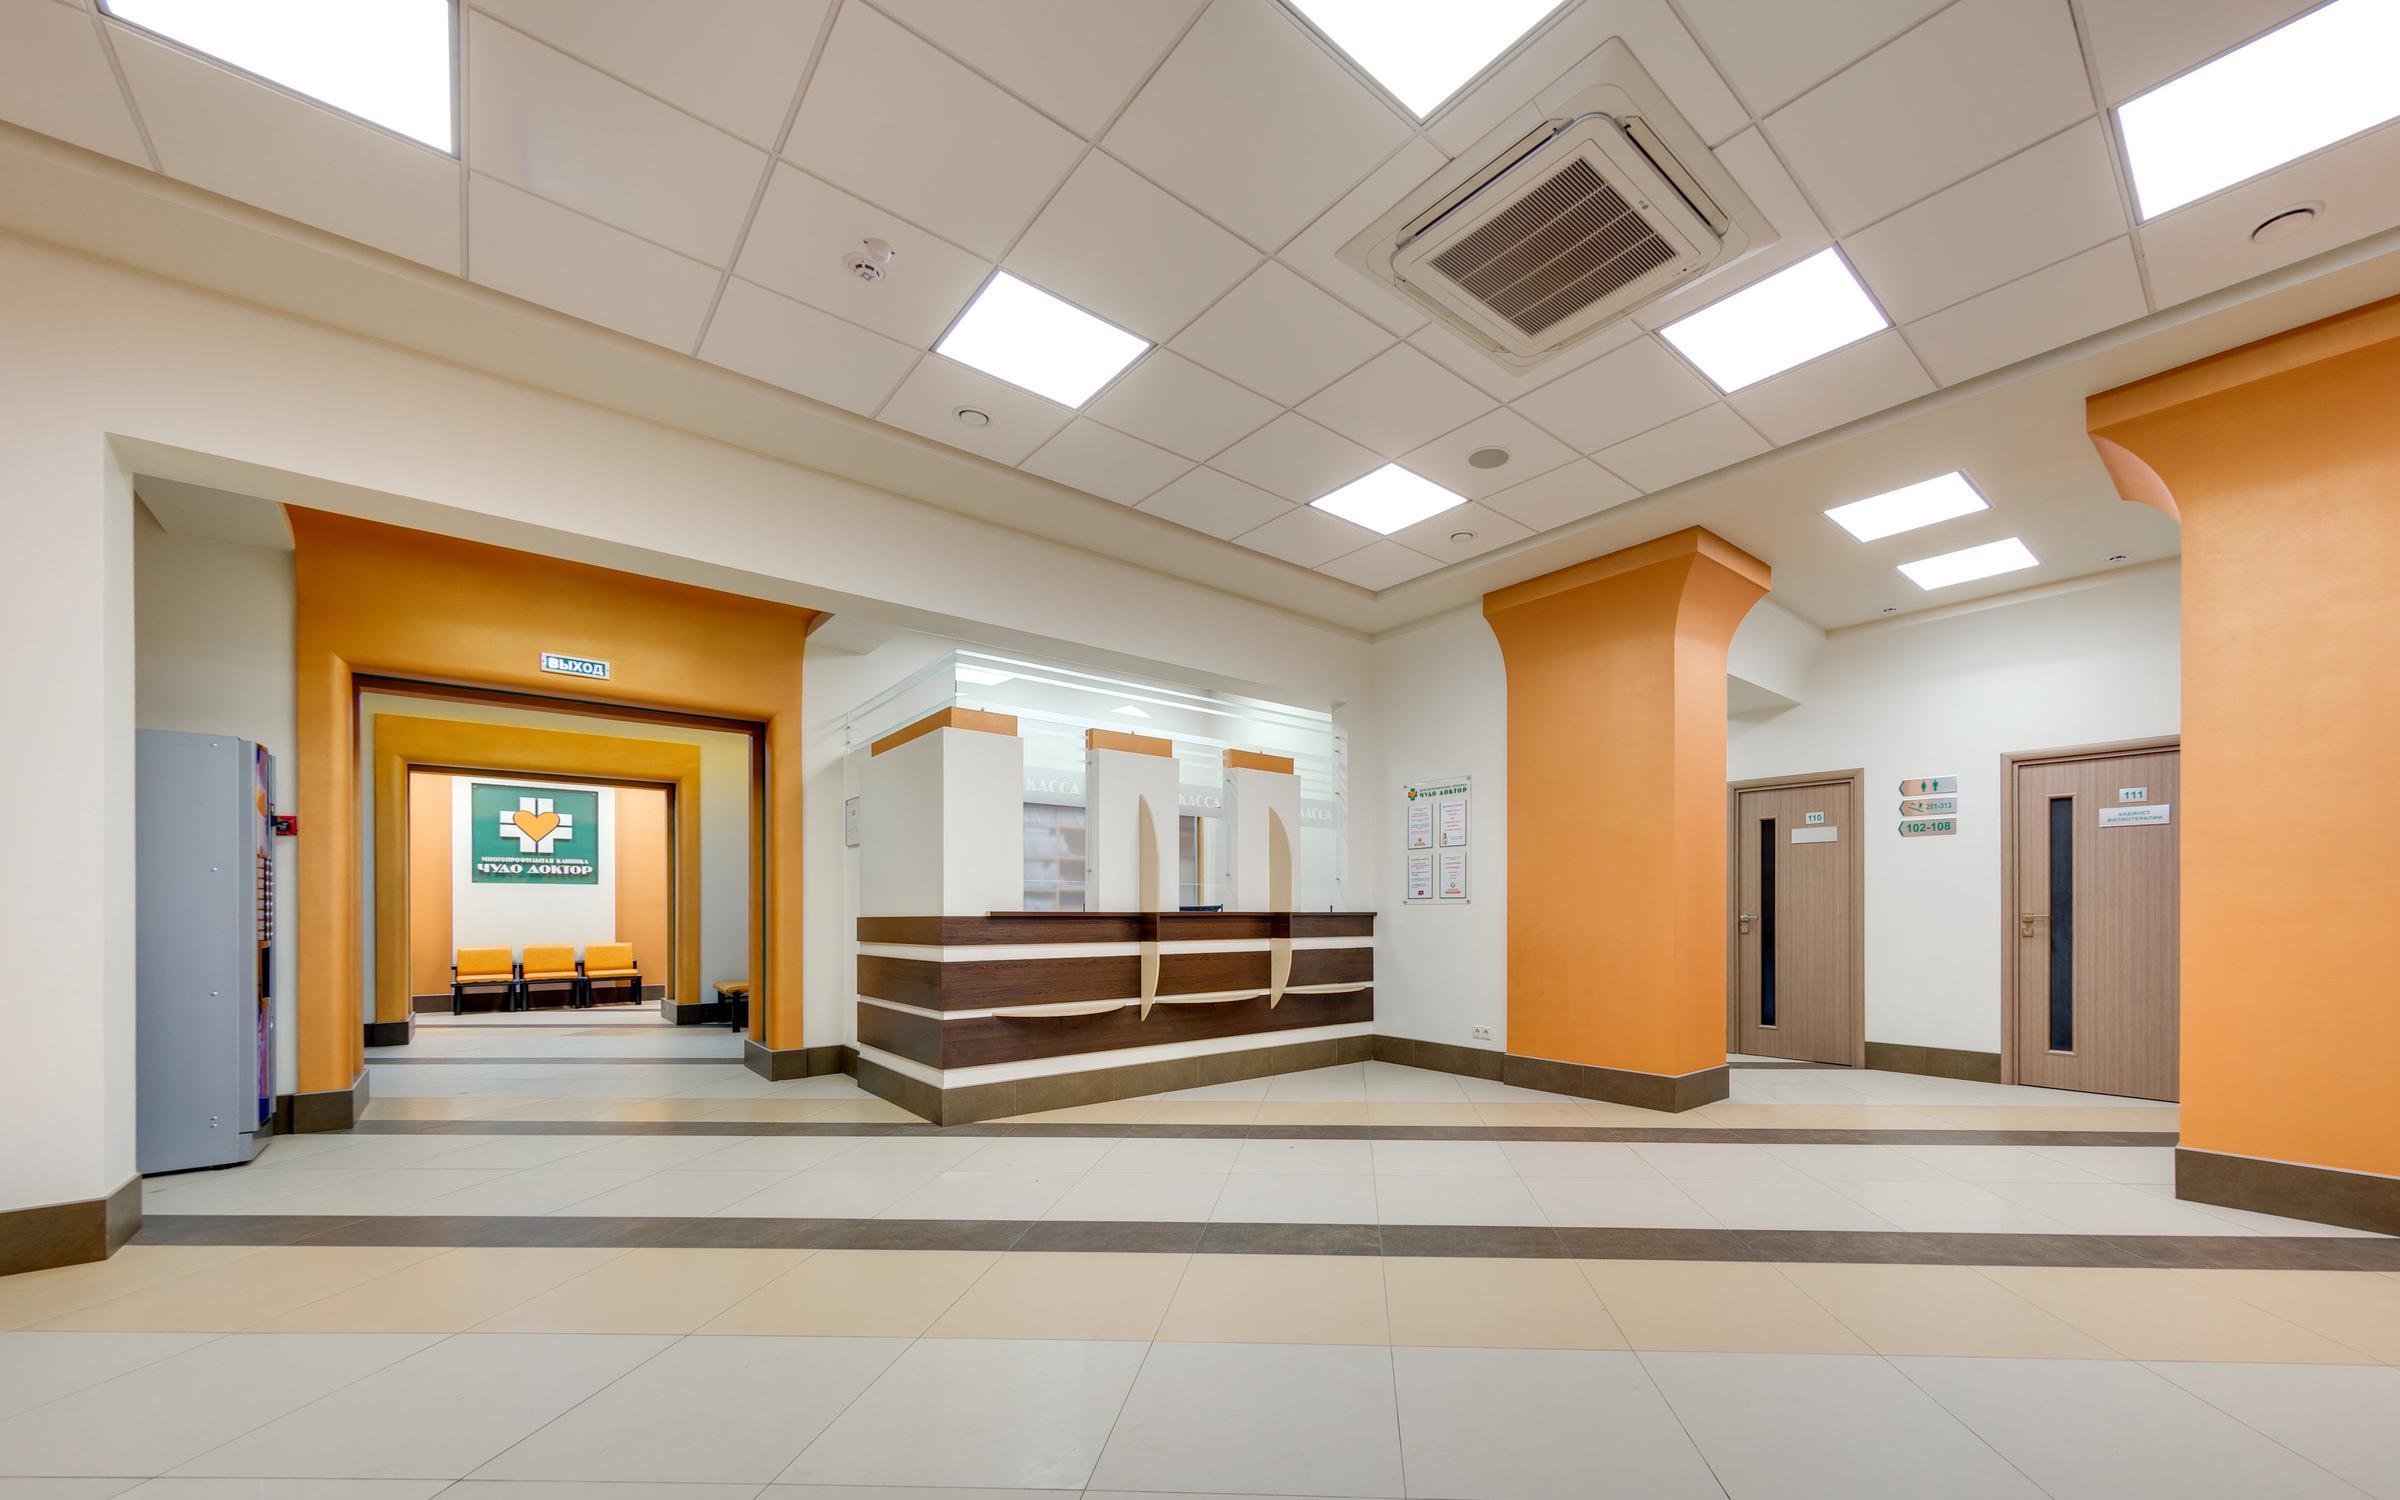 фотография Многопрофильной клиники Чудо Доктор на Школьной улице